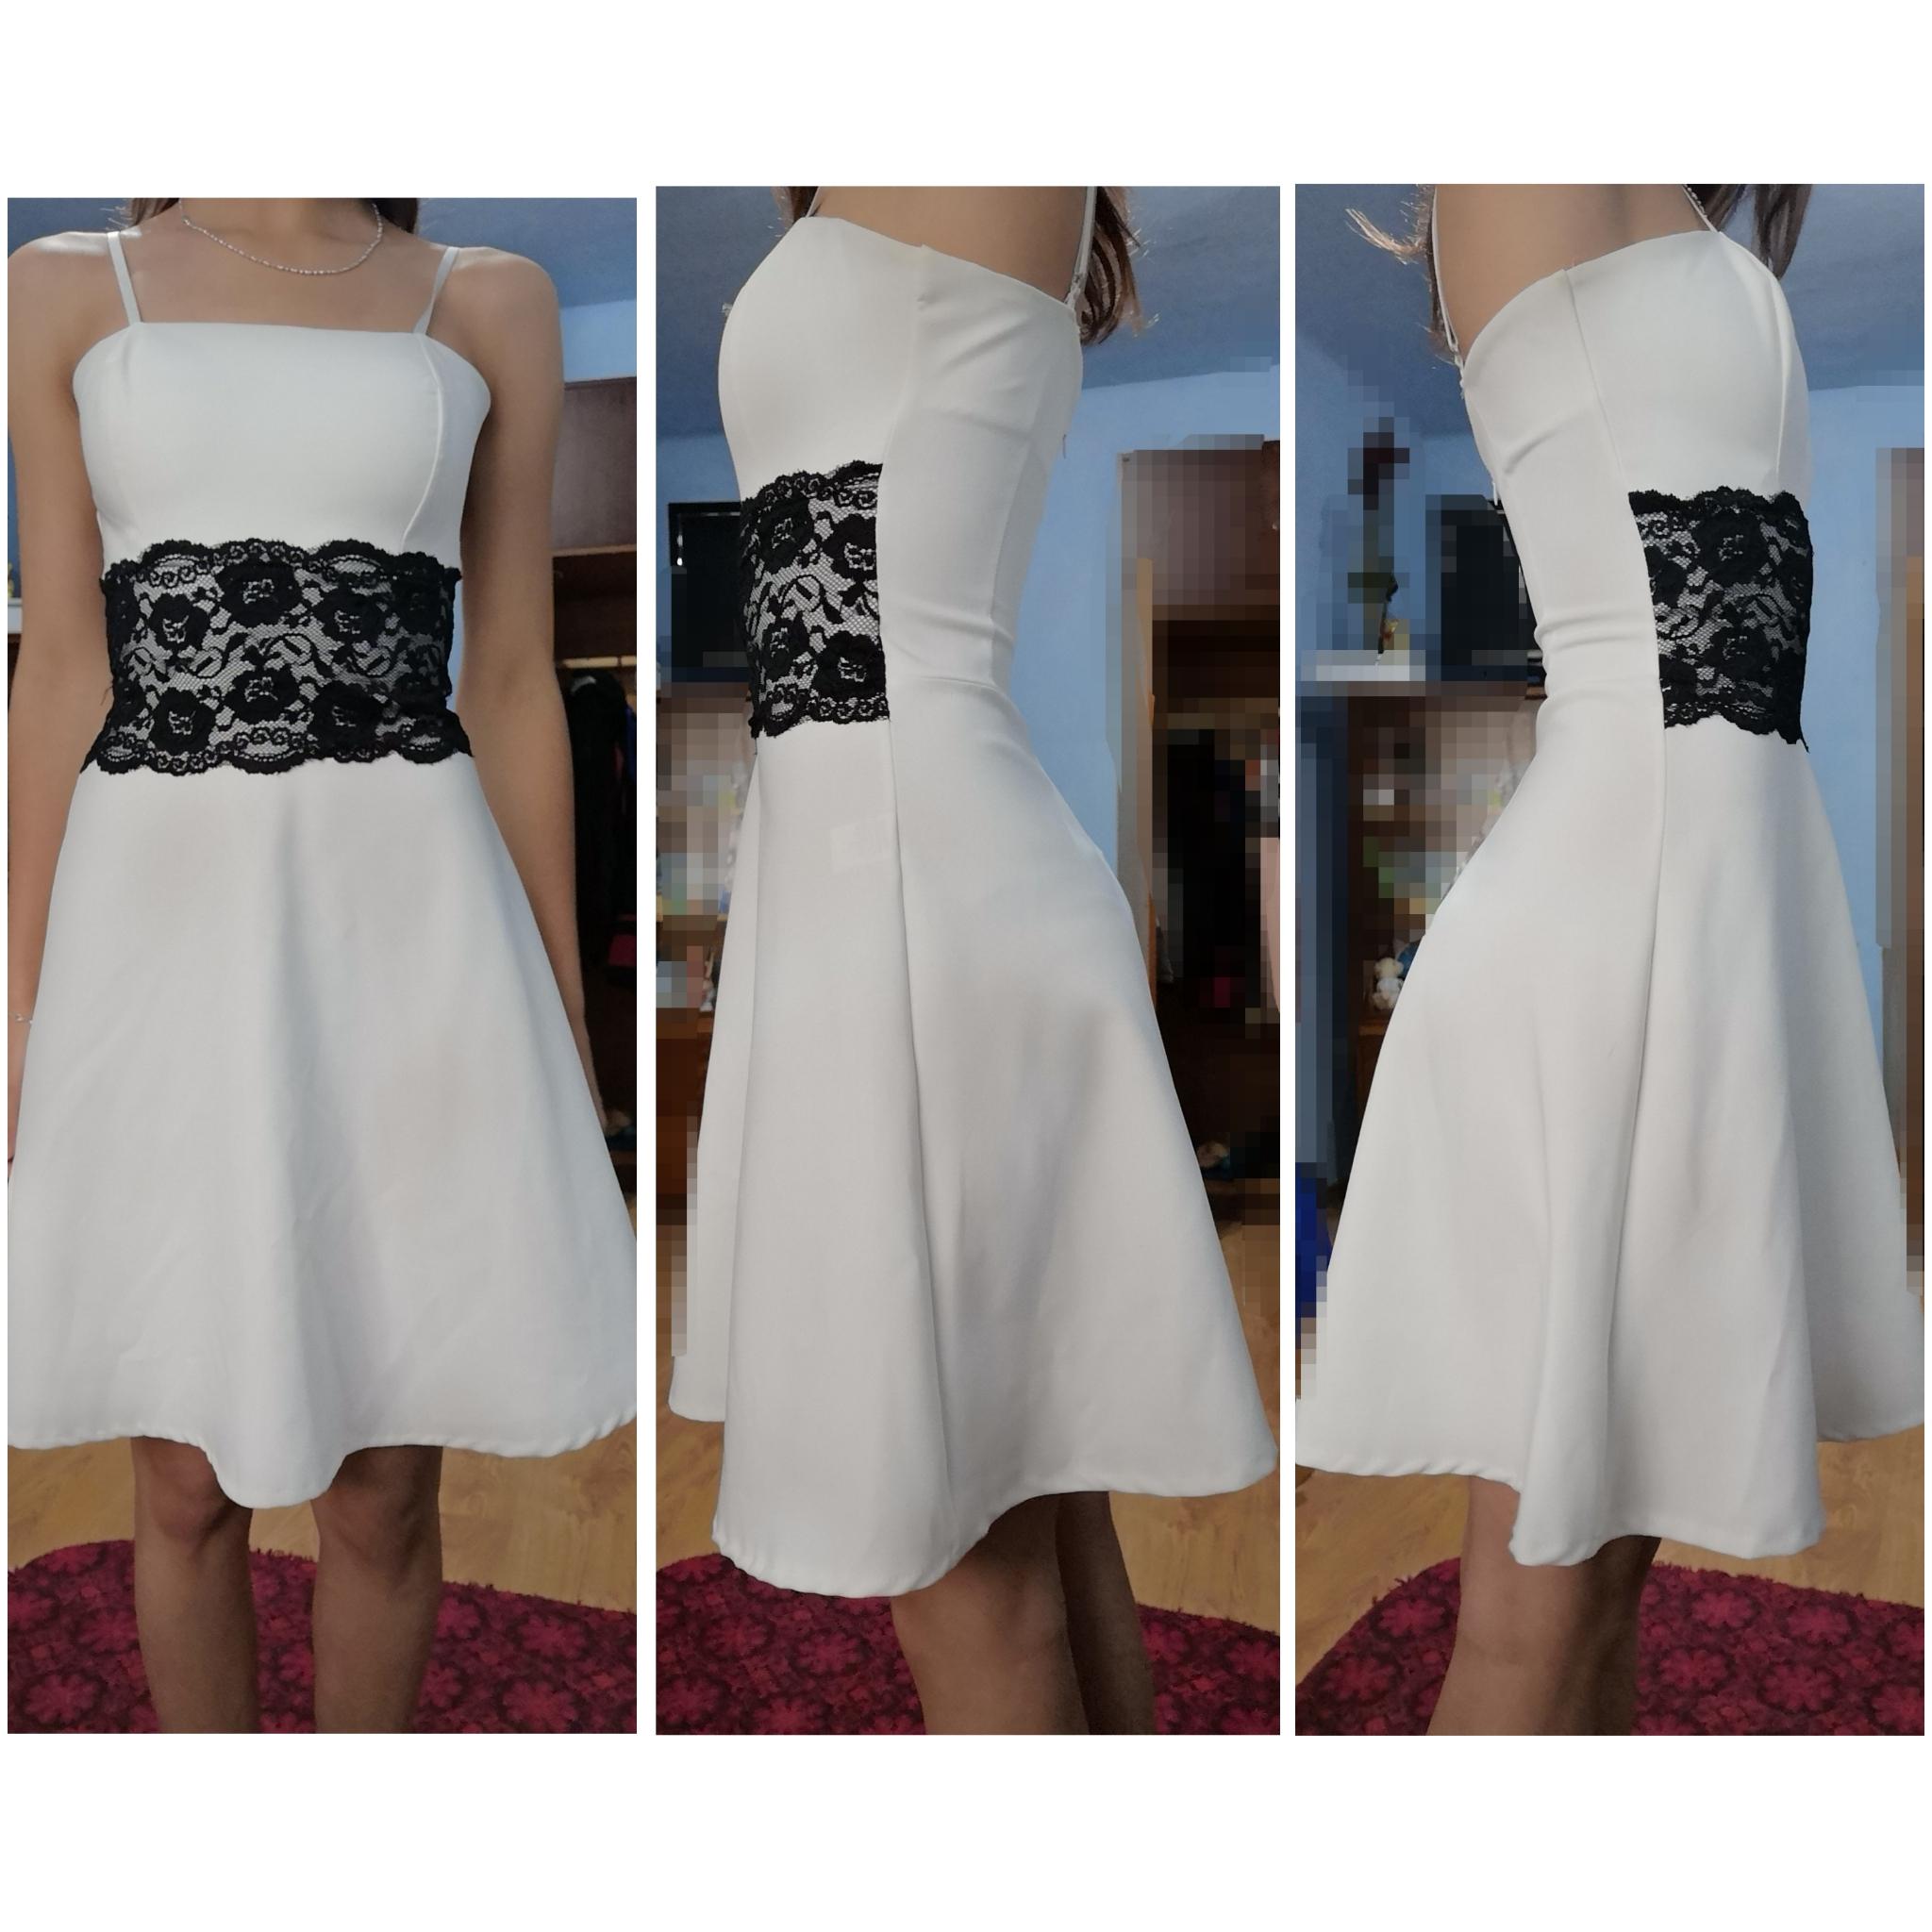 Spoločenské dámske šaty